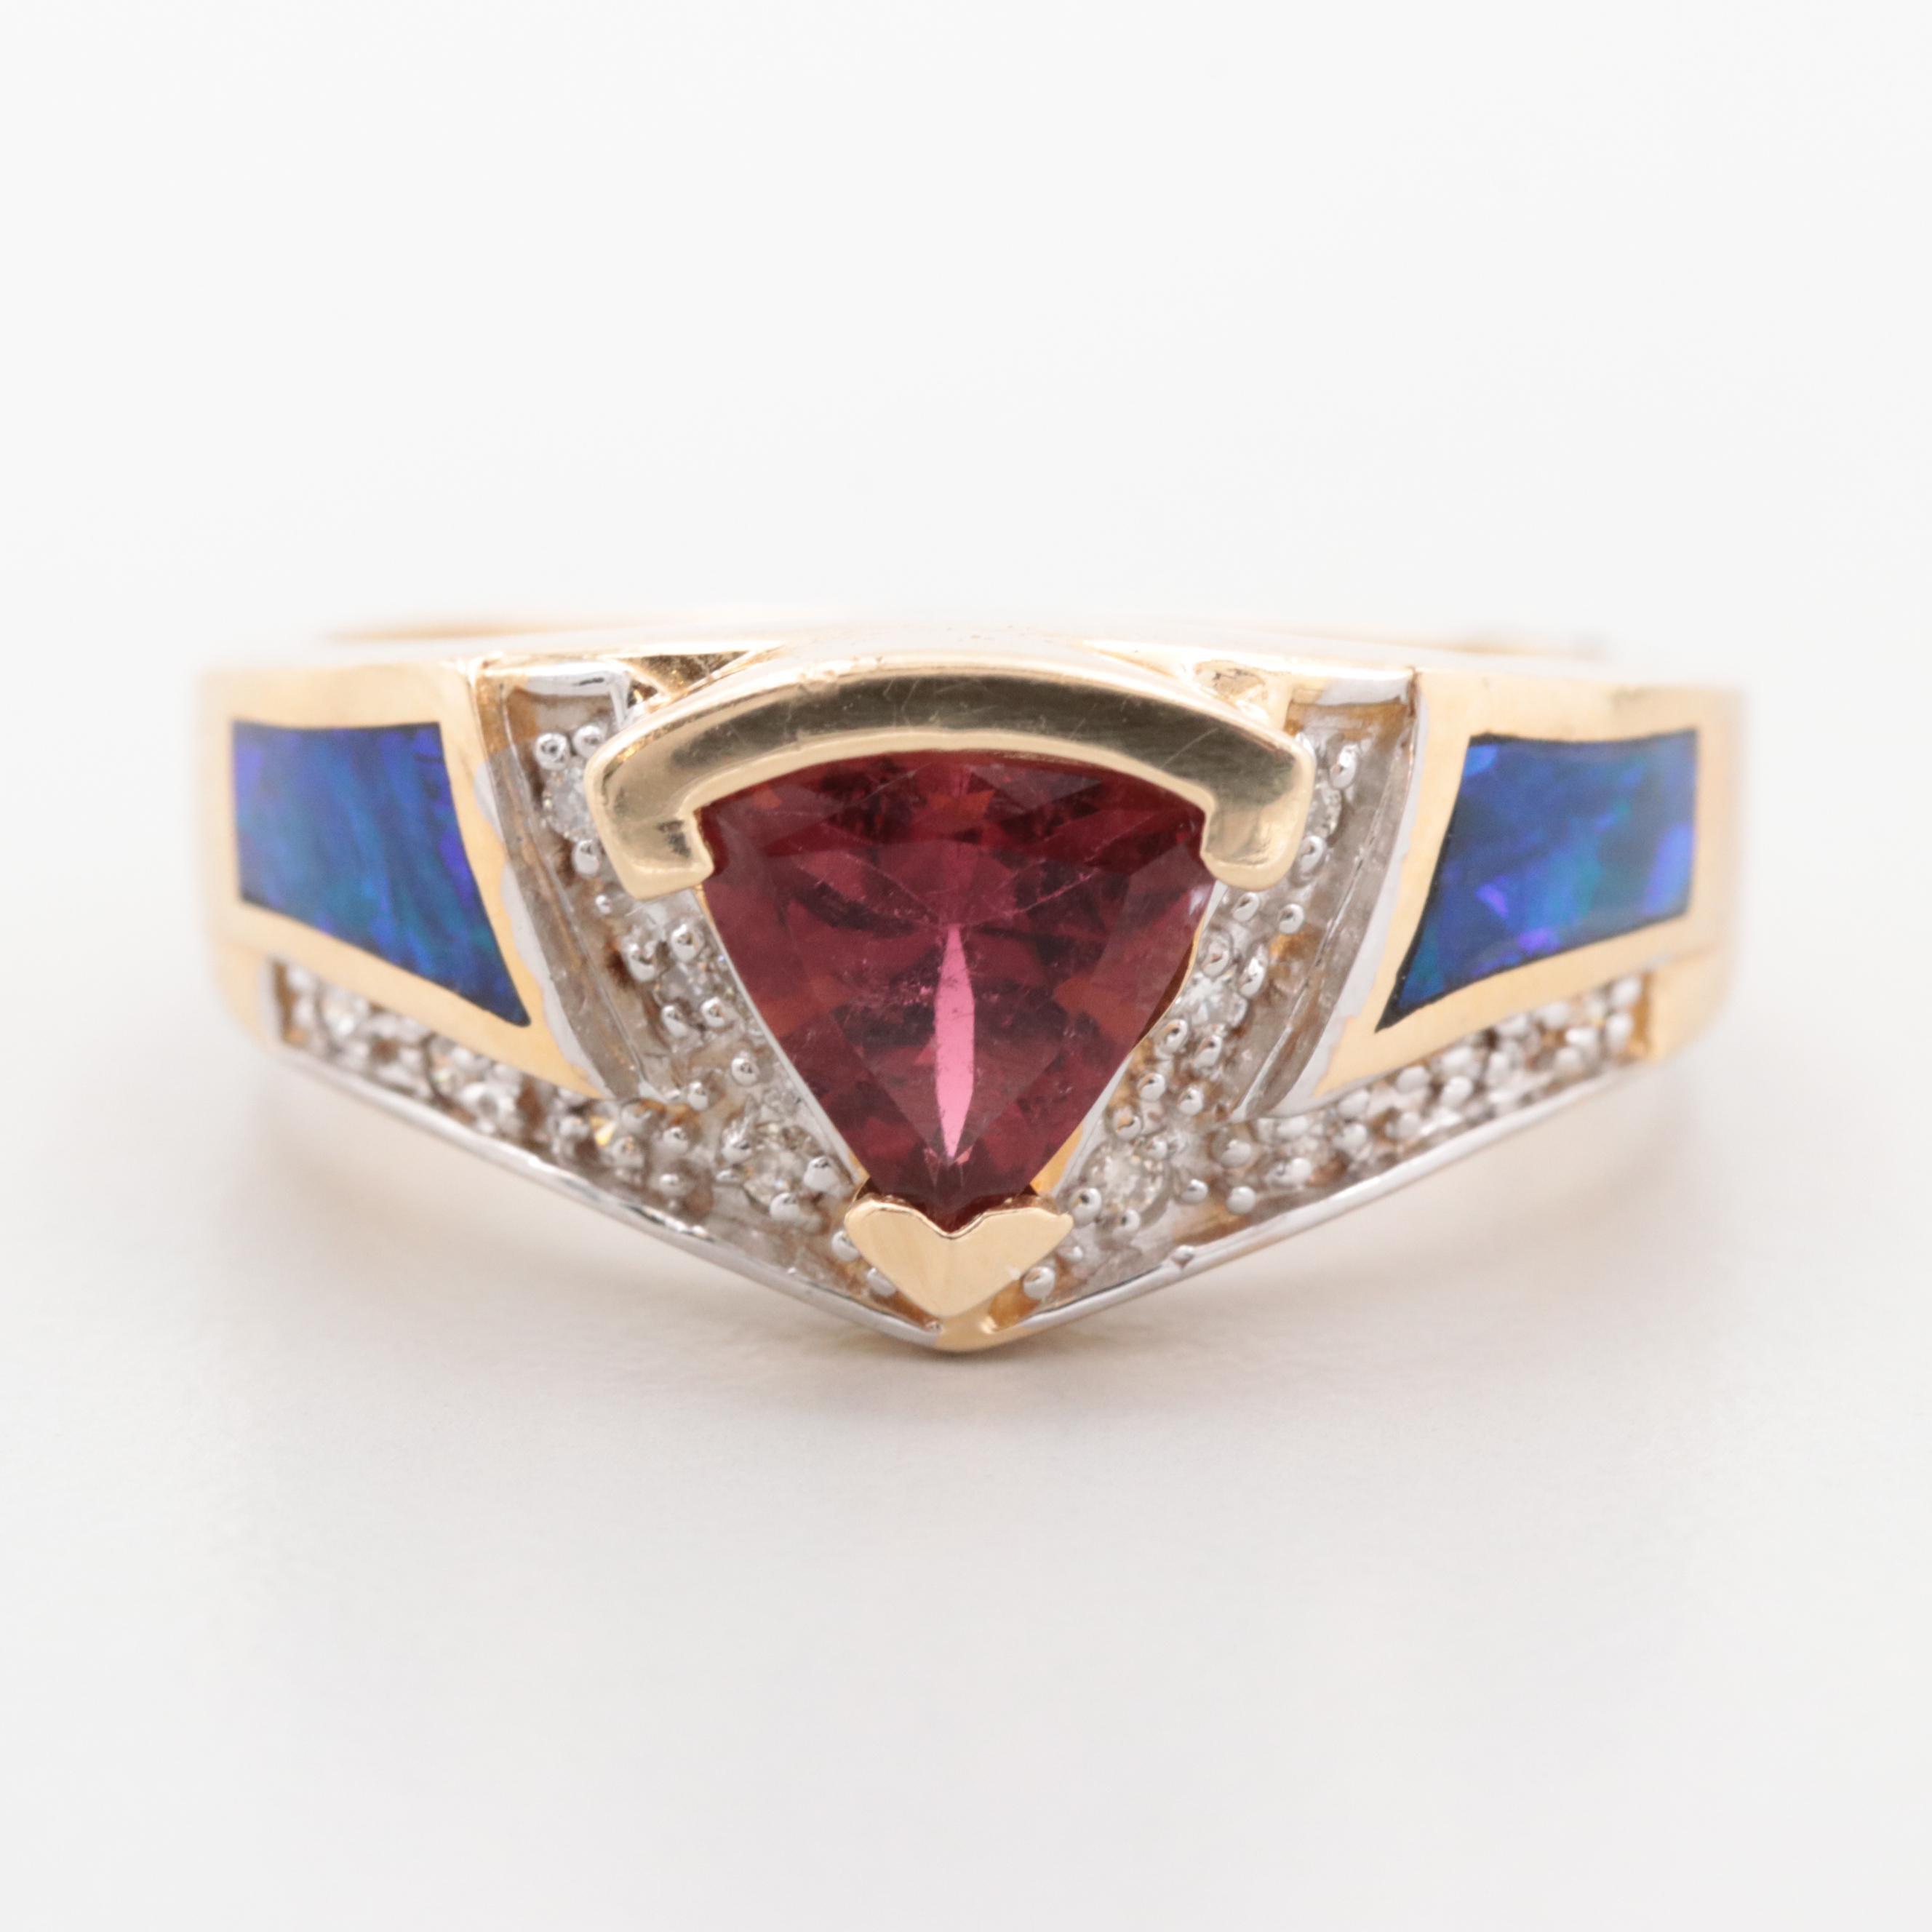 14K Yellow Gold Tourmaline, Diamond and Opal Ring